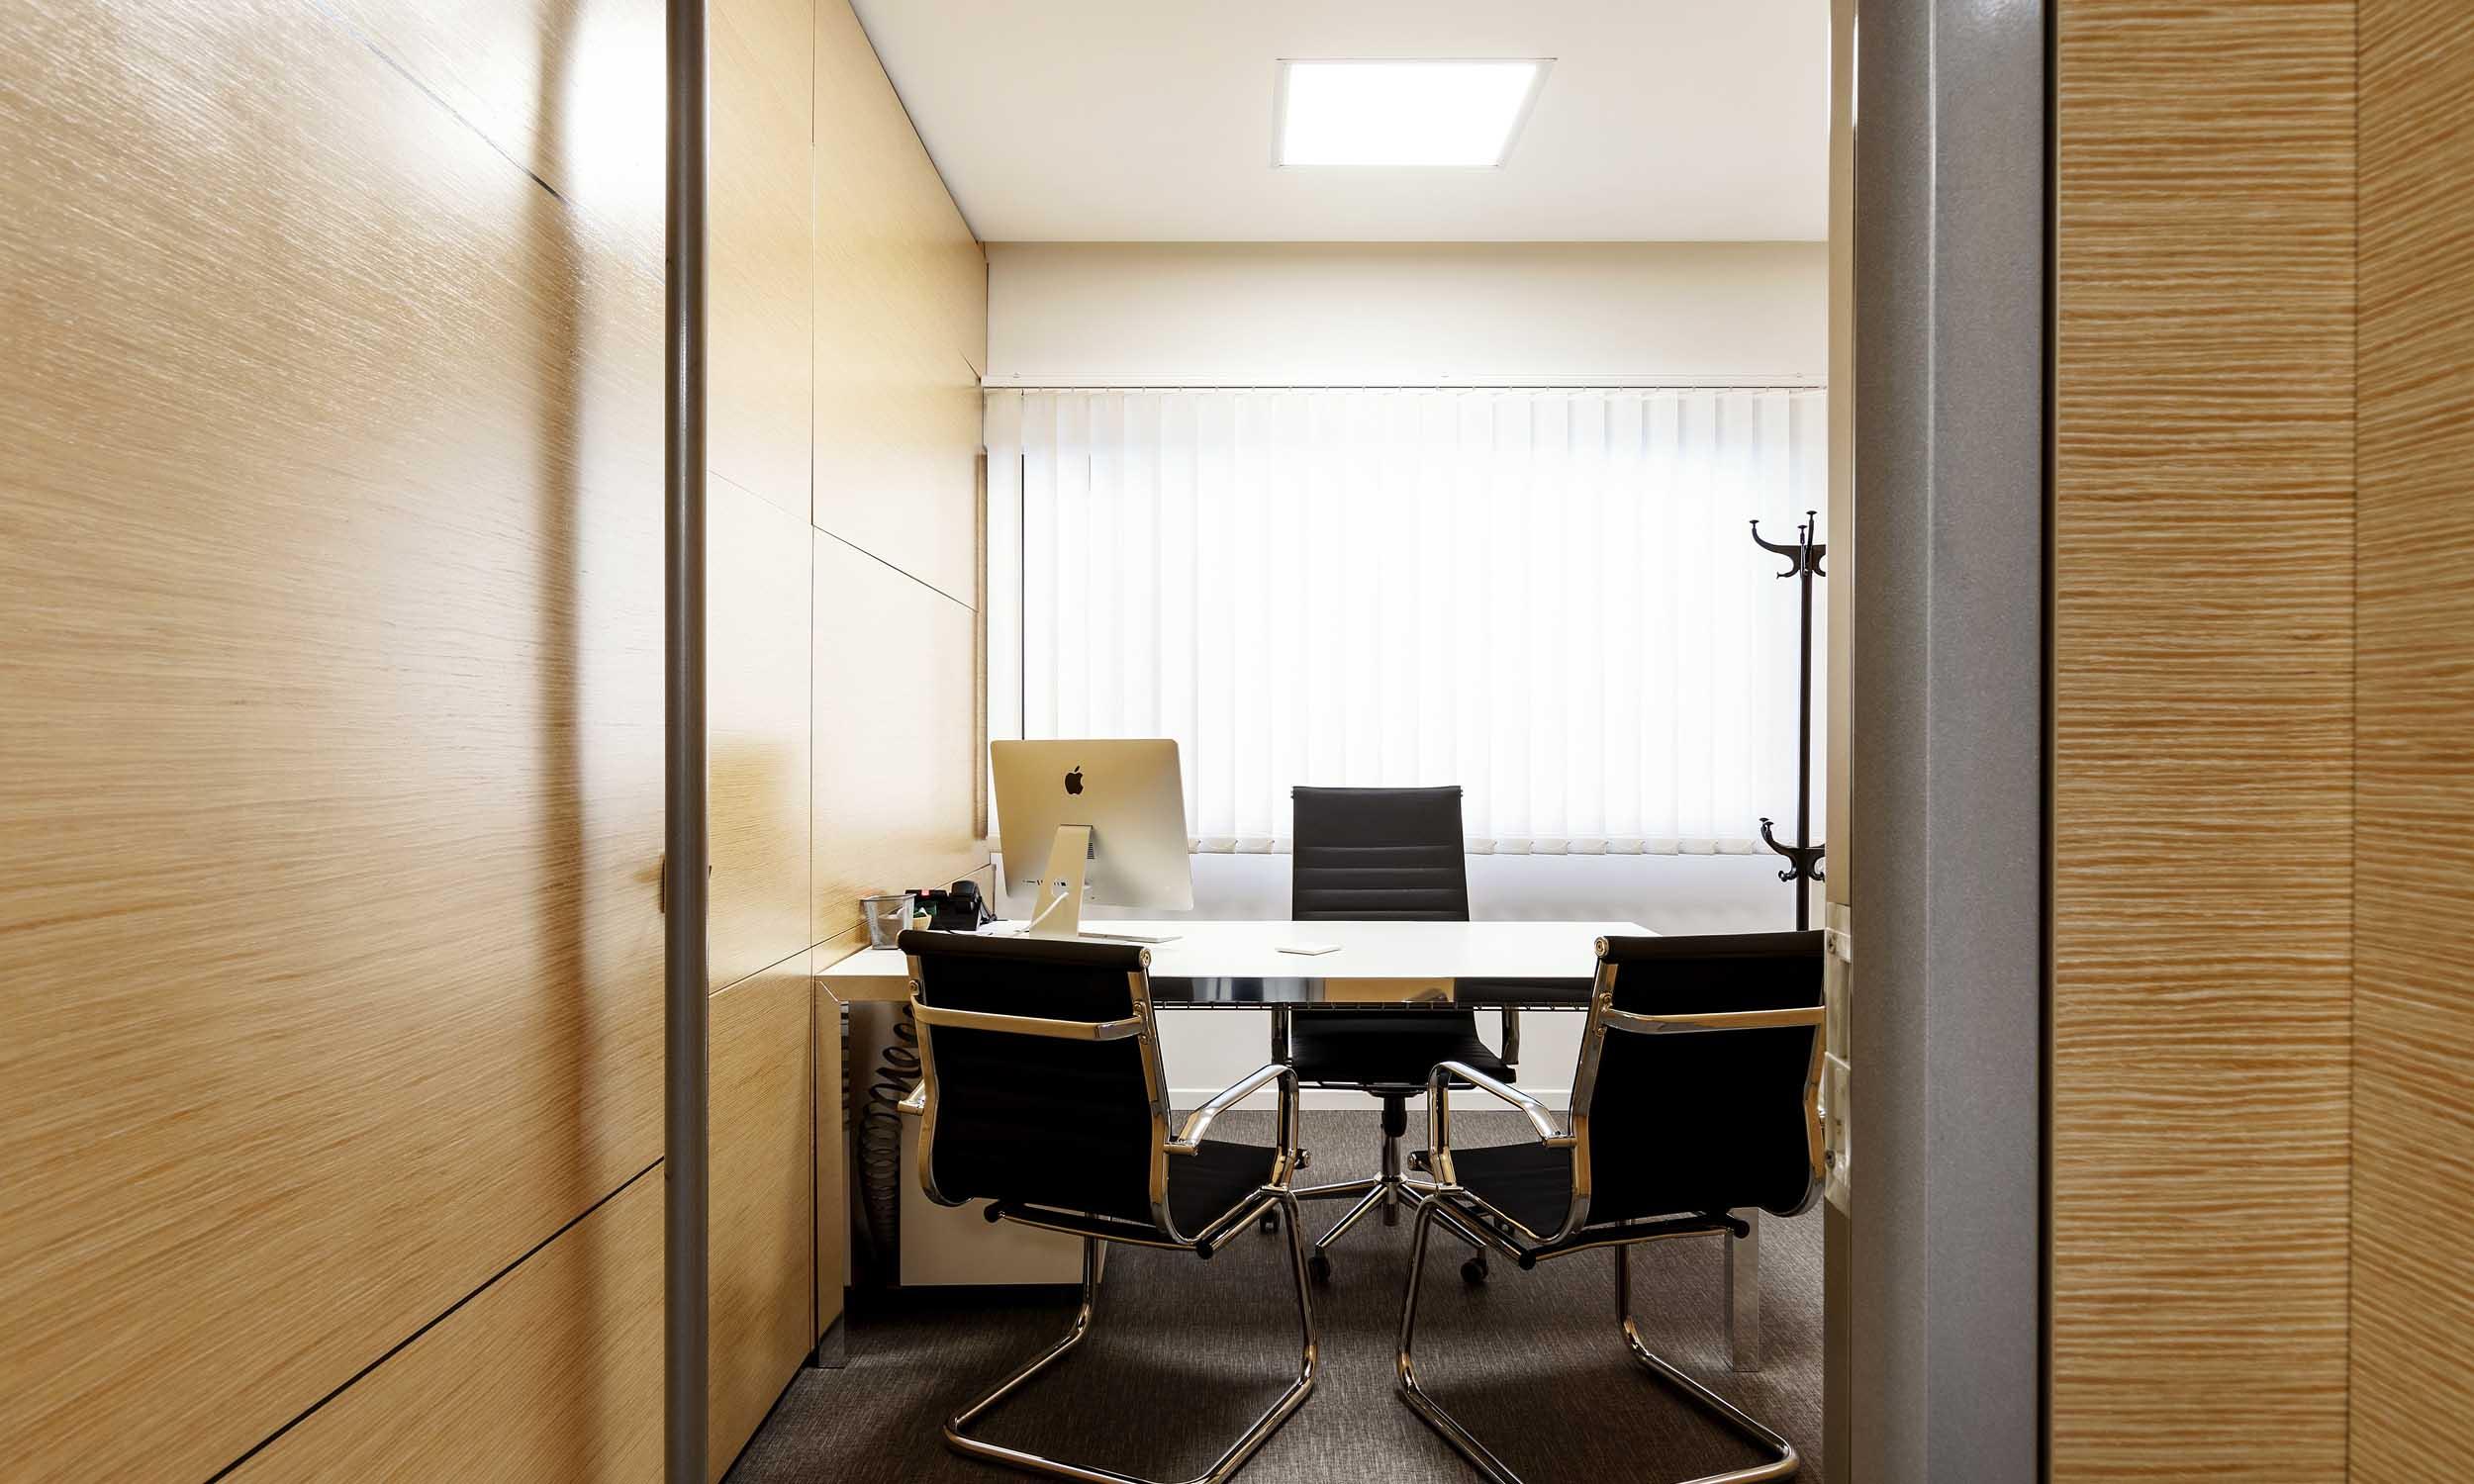 office-design-idee-come-arredare-ufficio-studio-architettura-interior-design-roma2